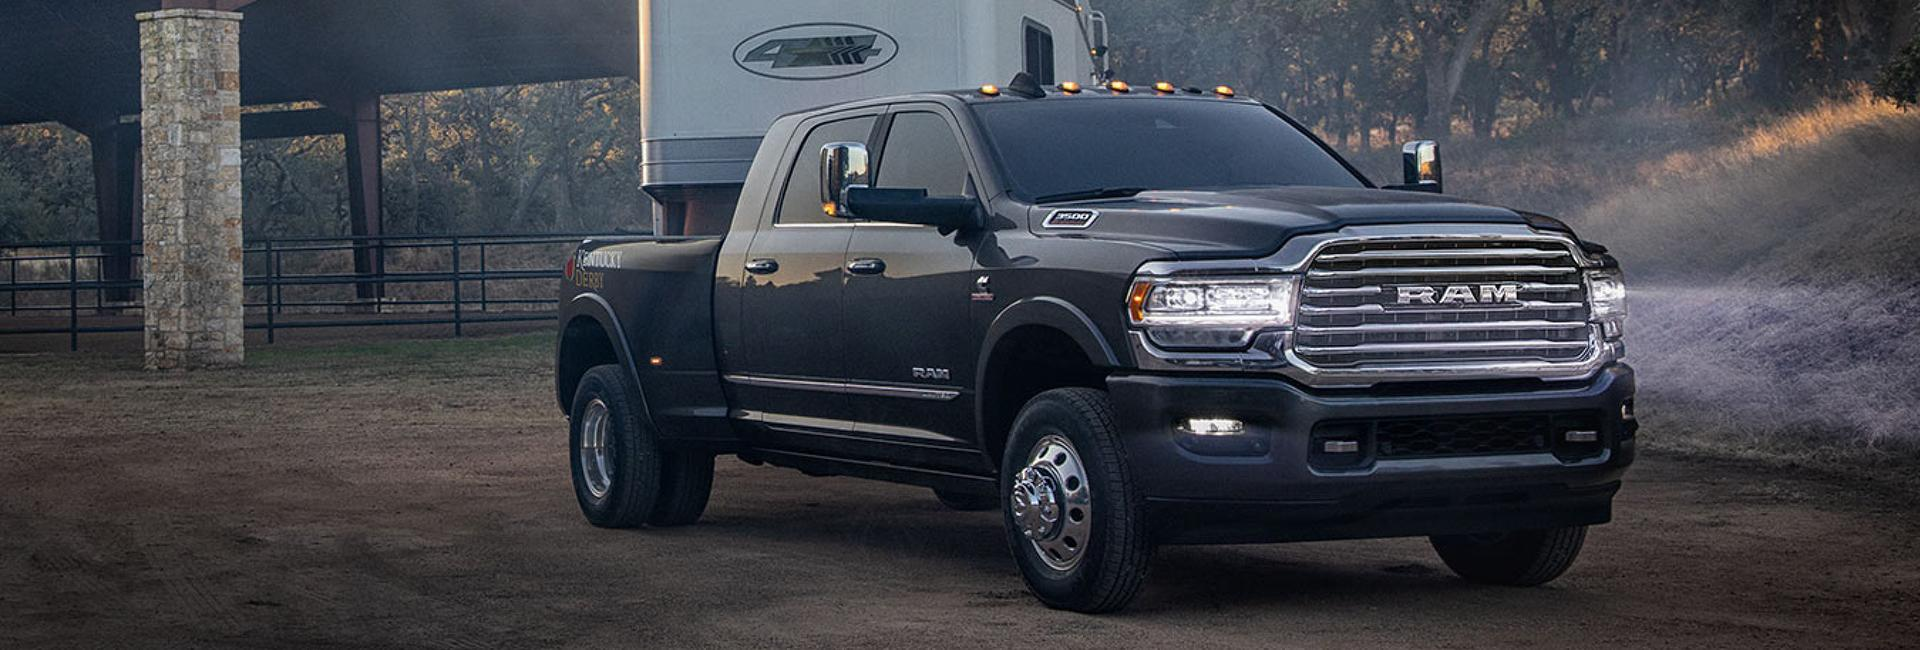 2020 Ram Heavy Duty Trucks towing a trailer